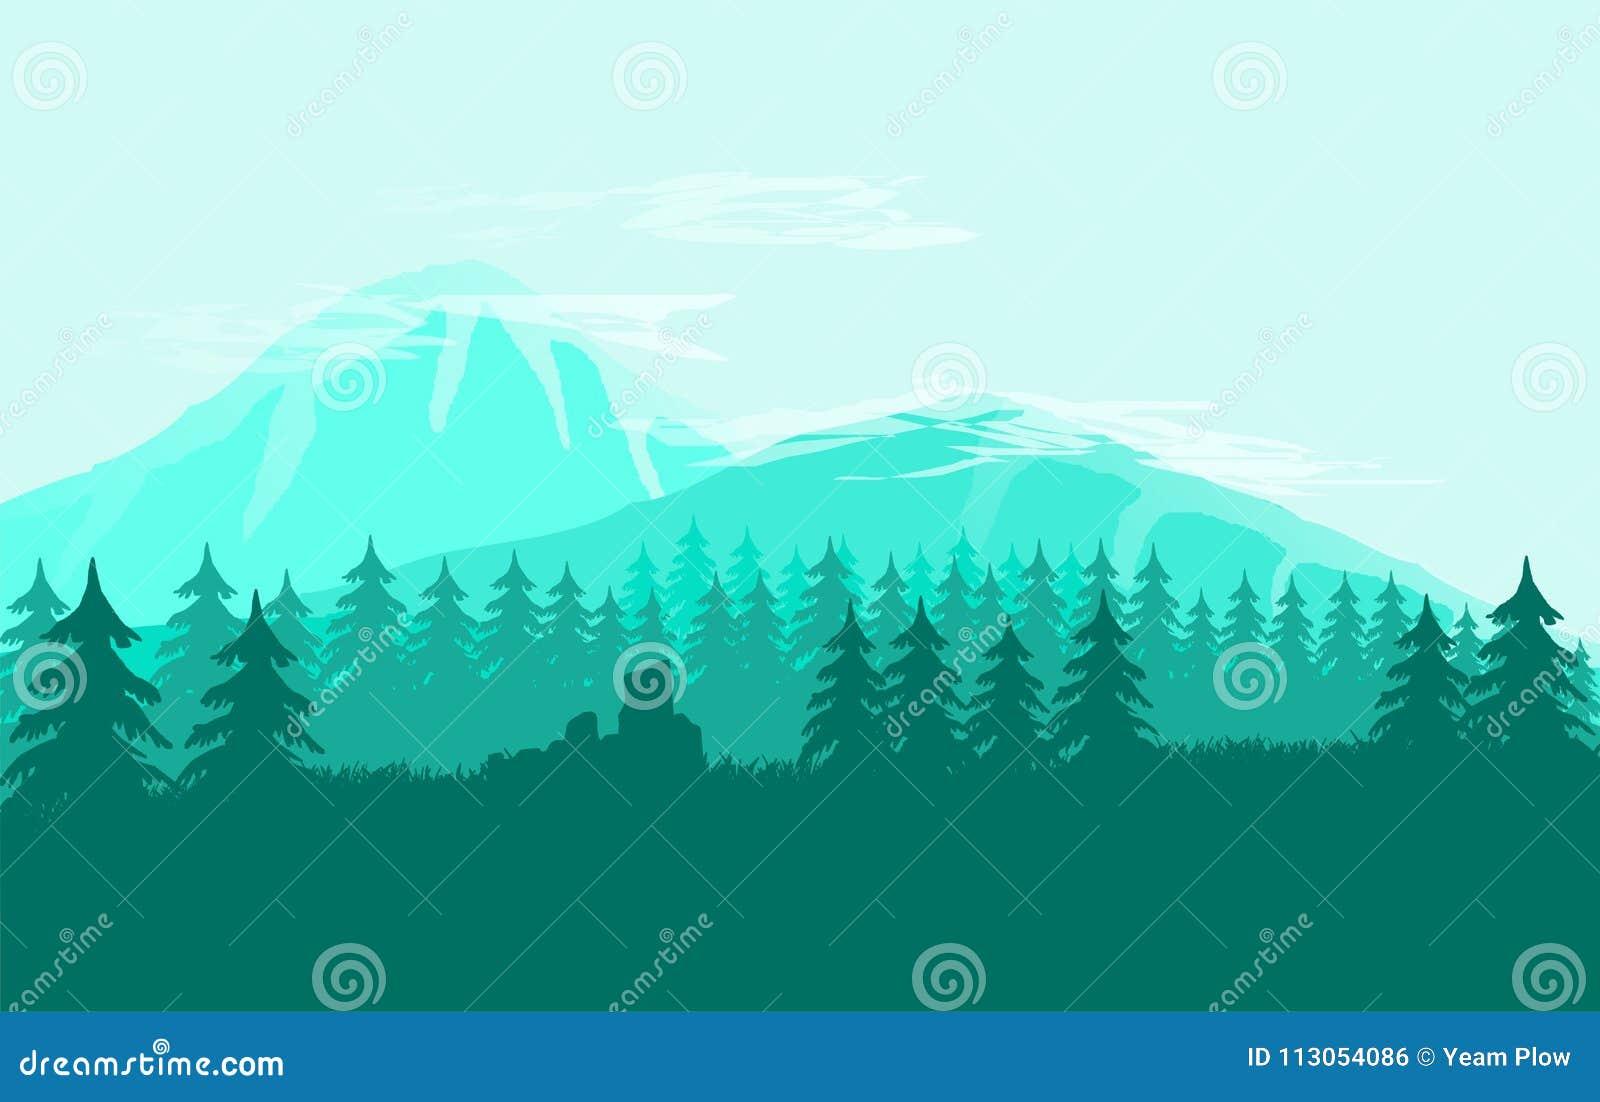 landscape simple - Ataum berglauf-verband com